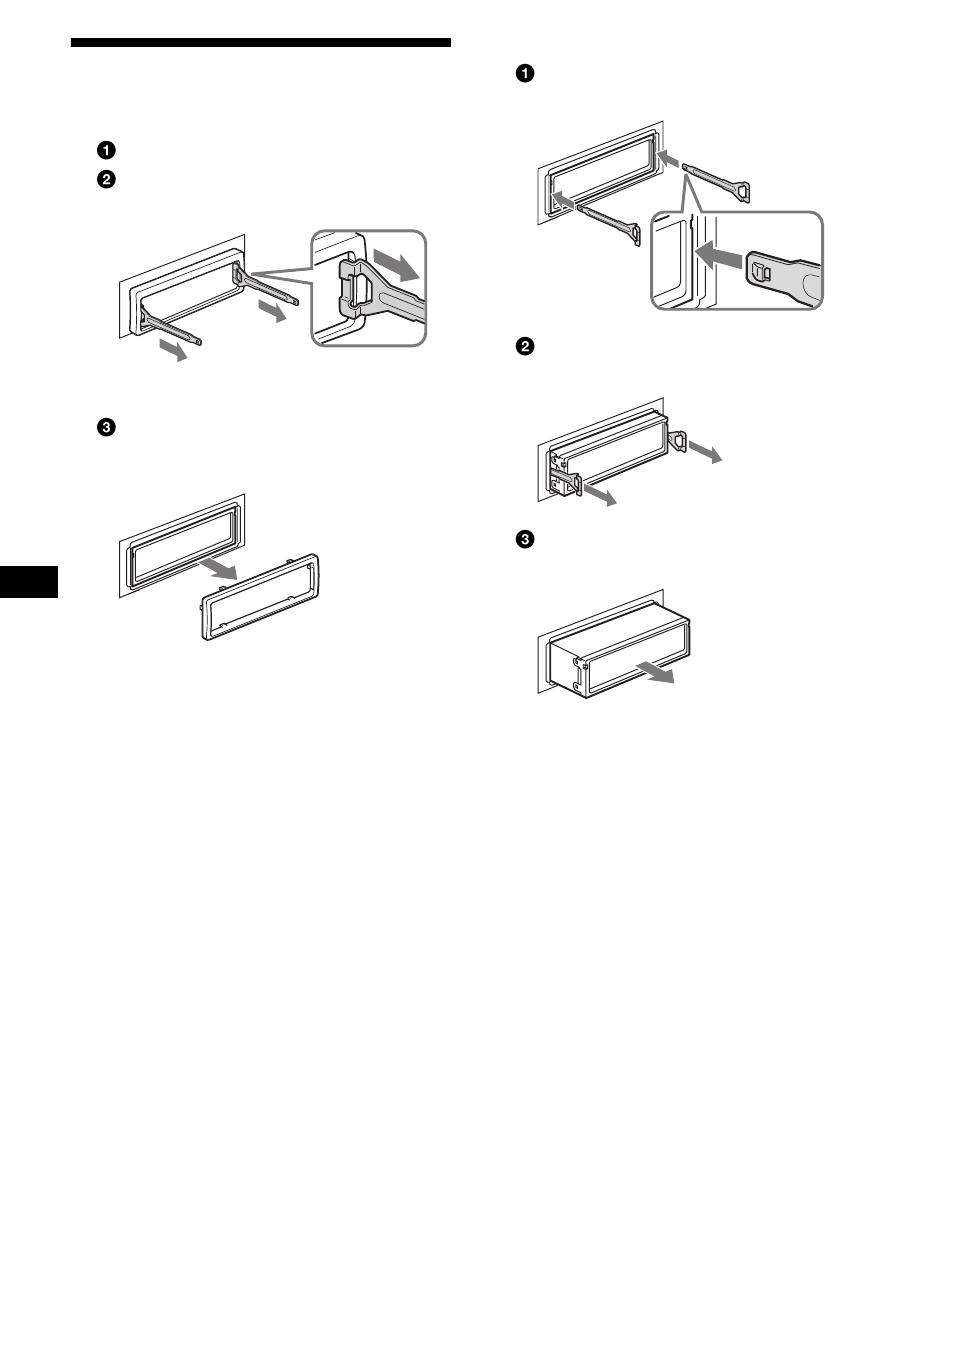 medium resolution of extracci n de la unidad 26 extracci n de la unidad sony cdx fw700 user